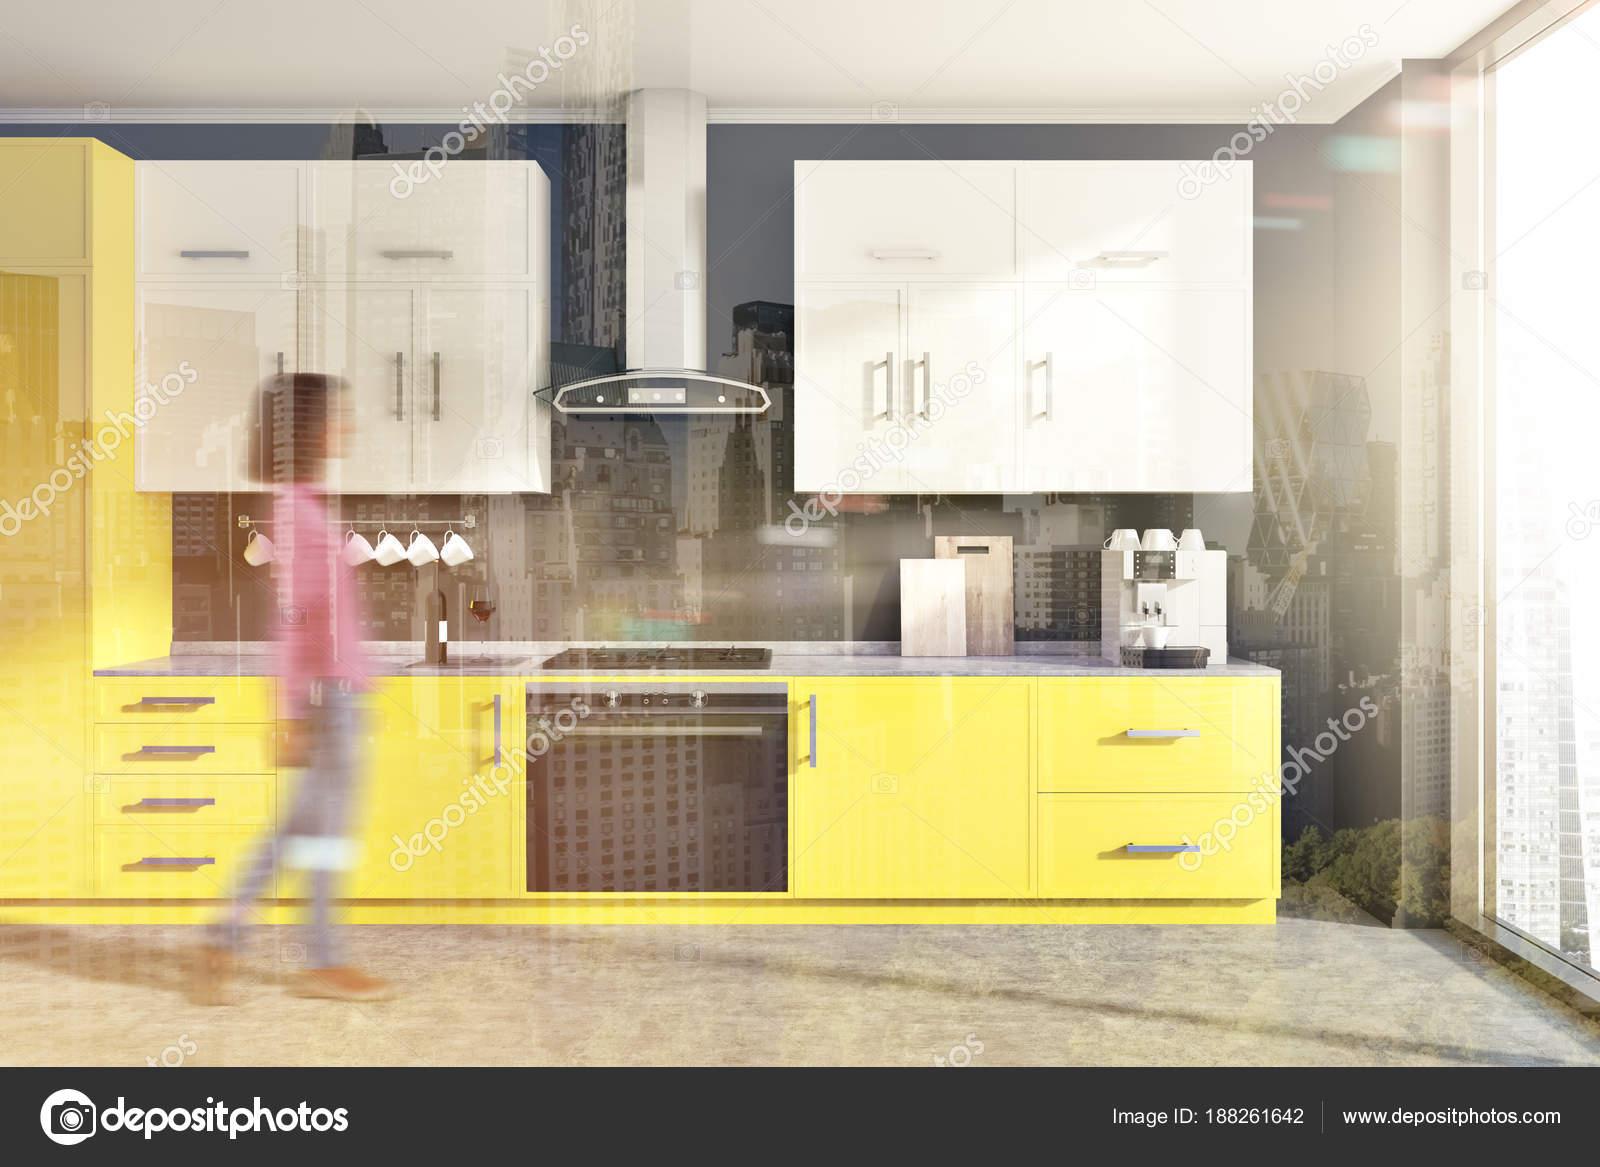 Banconi da cucina grigio, giallo tonica — Foto Stock ...